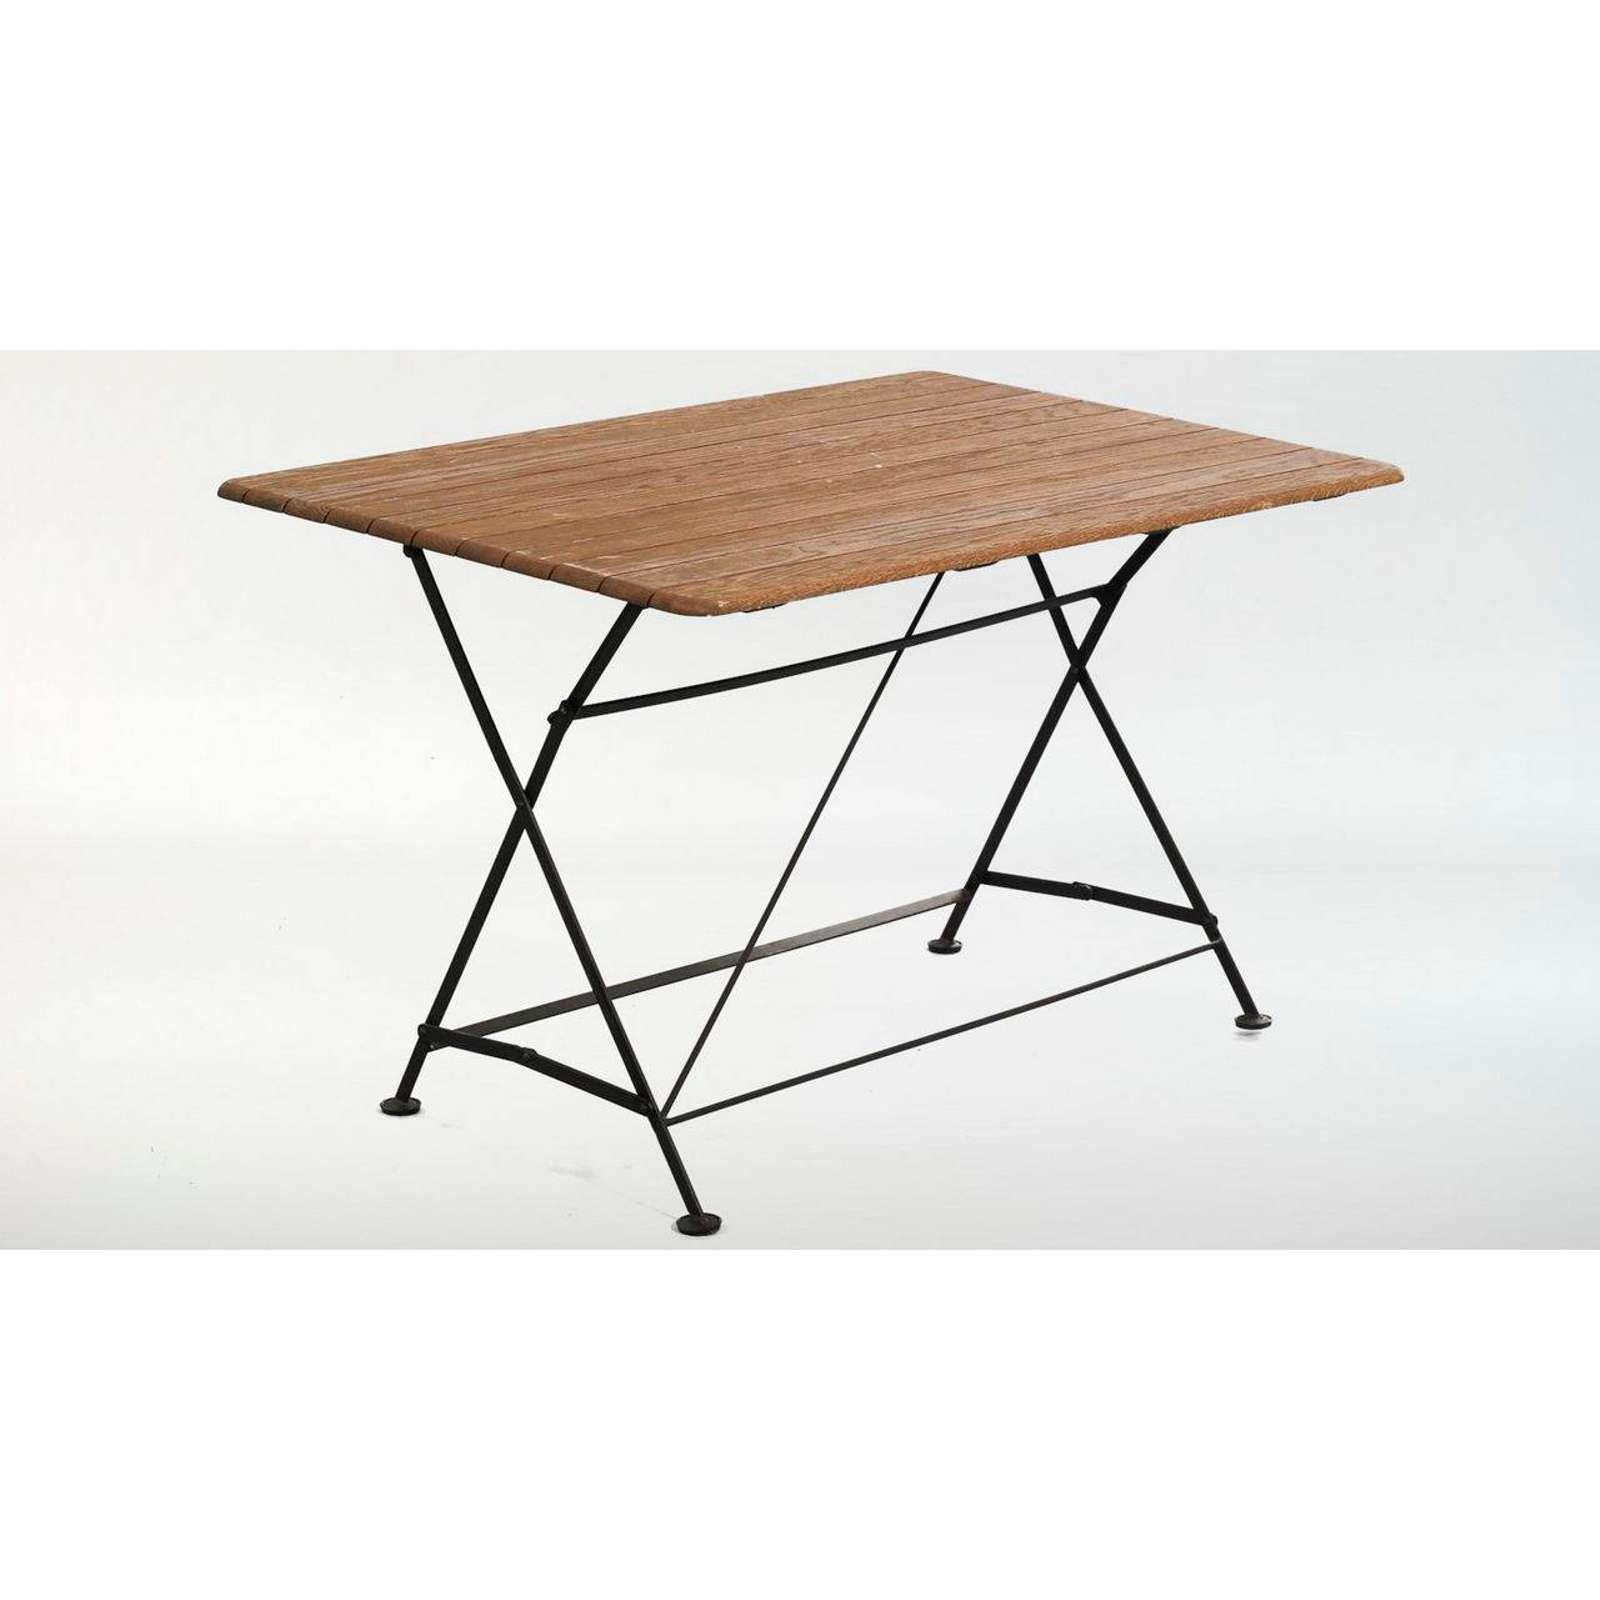 Стол прямоугольный 120 х 80 см, Holzhof